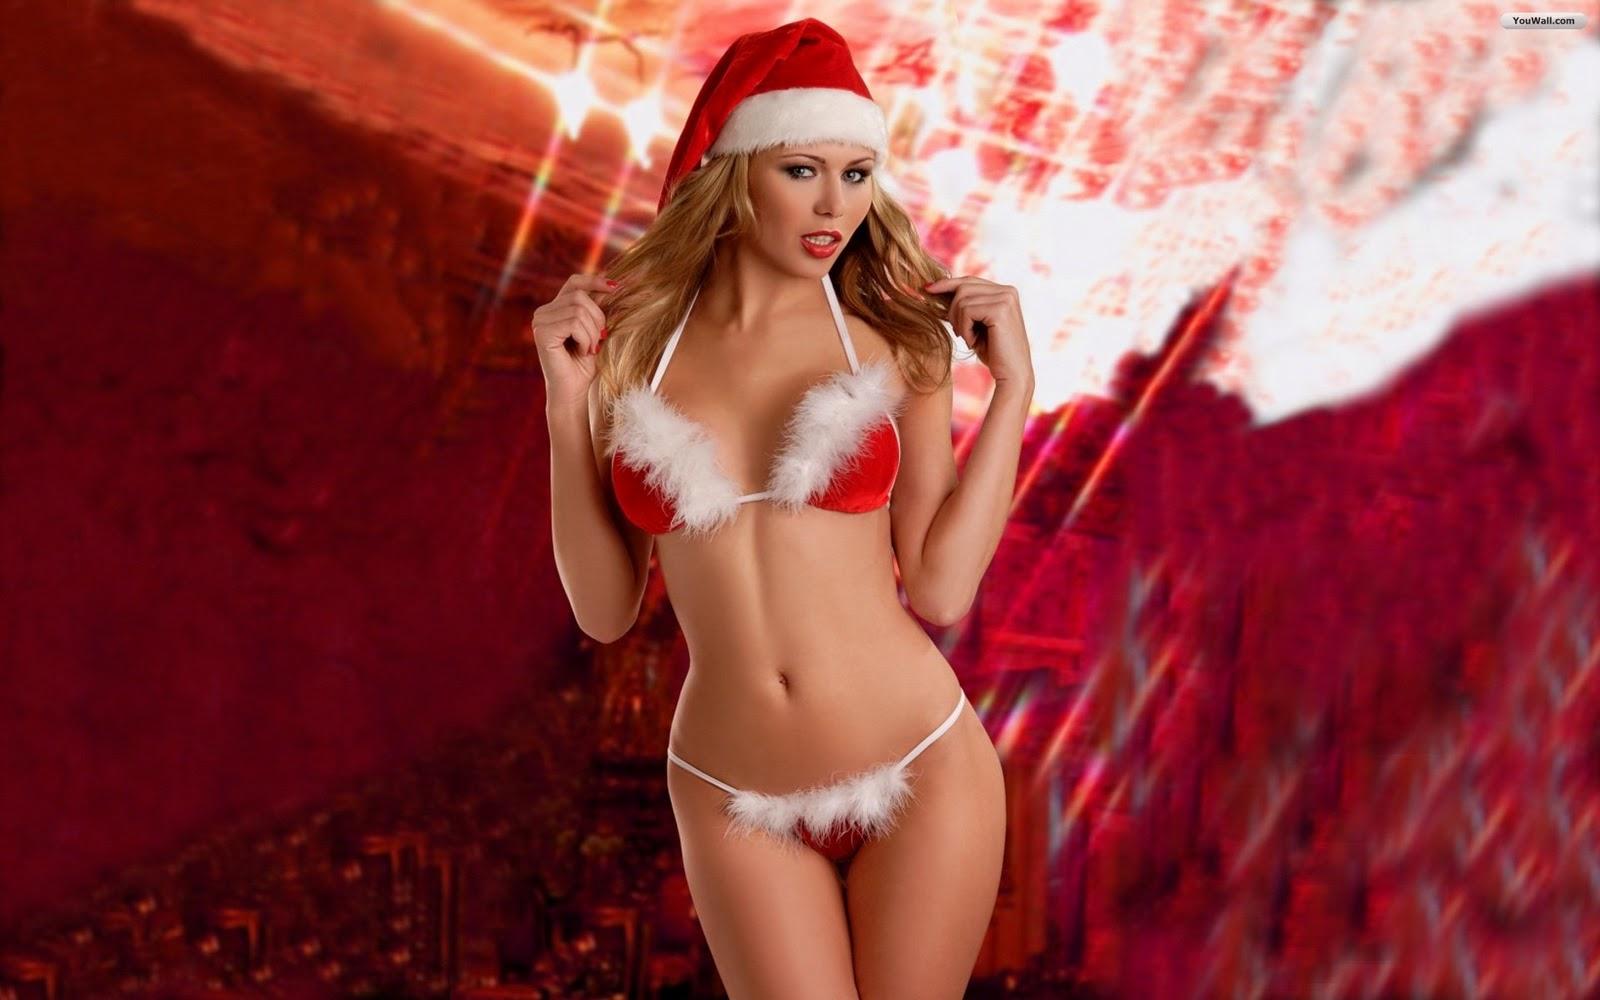 http://4.bp.blogspot.com/-Vcn0YbAGy2A/TuylaMMR6LI/AAAAAAAADnw/UuIbvTON_Gs/s1600/sexy_christmas_girls_wallpaper_e3334.jpg